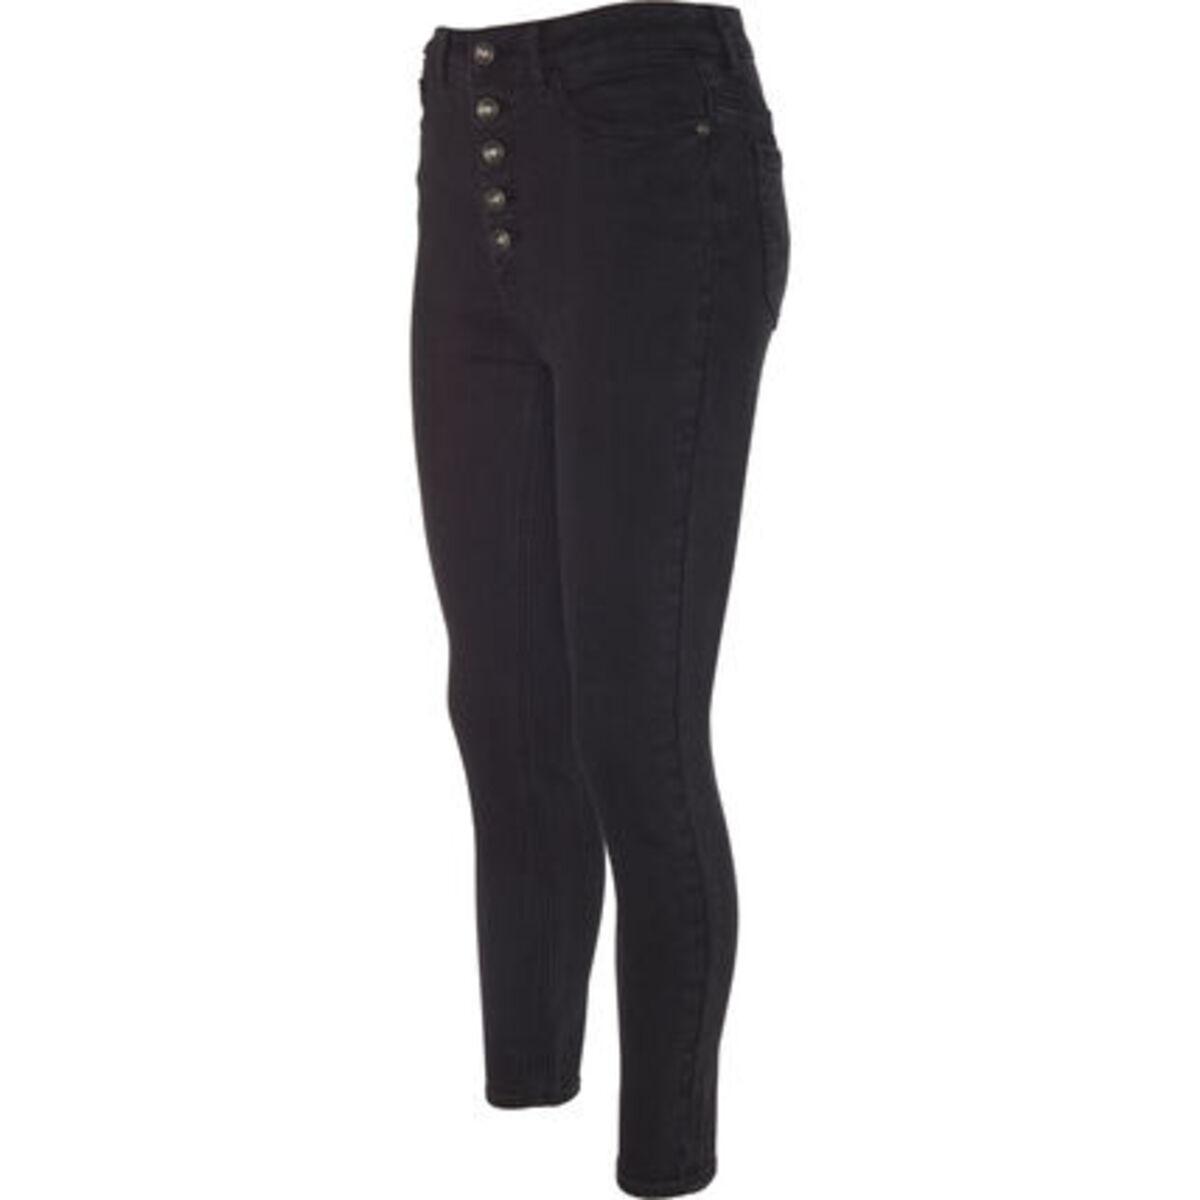 Bild 2 von MANGUUN Jeans, Skinny Fit, Knopfleiste, für Damen